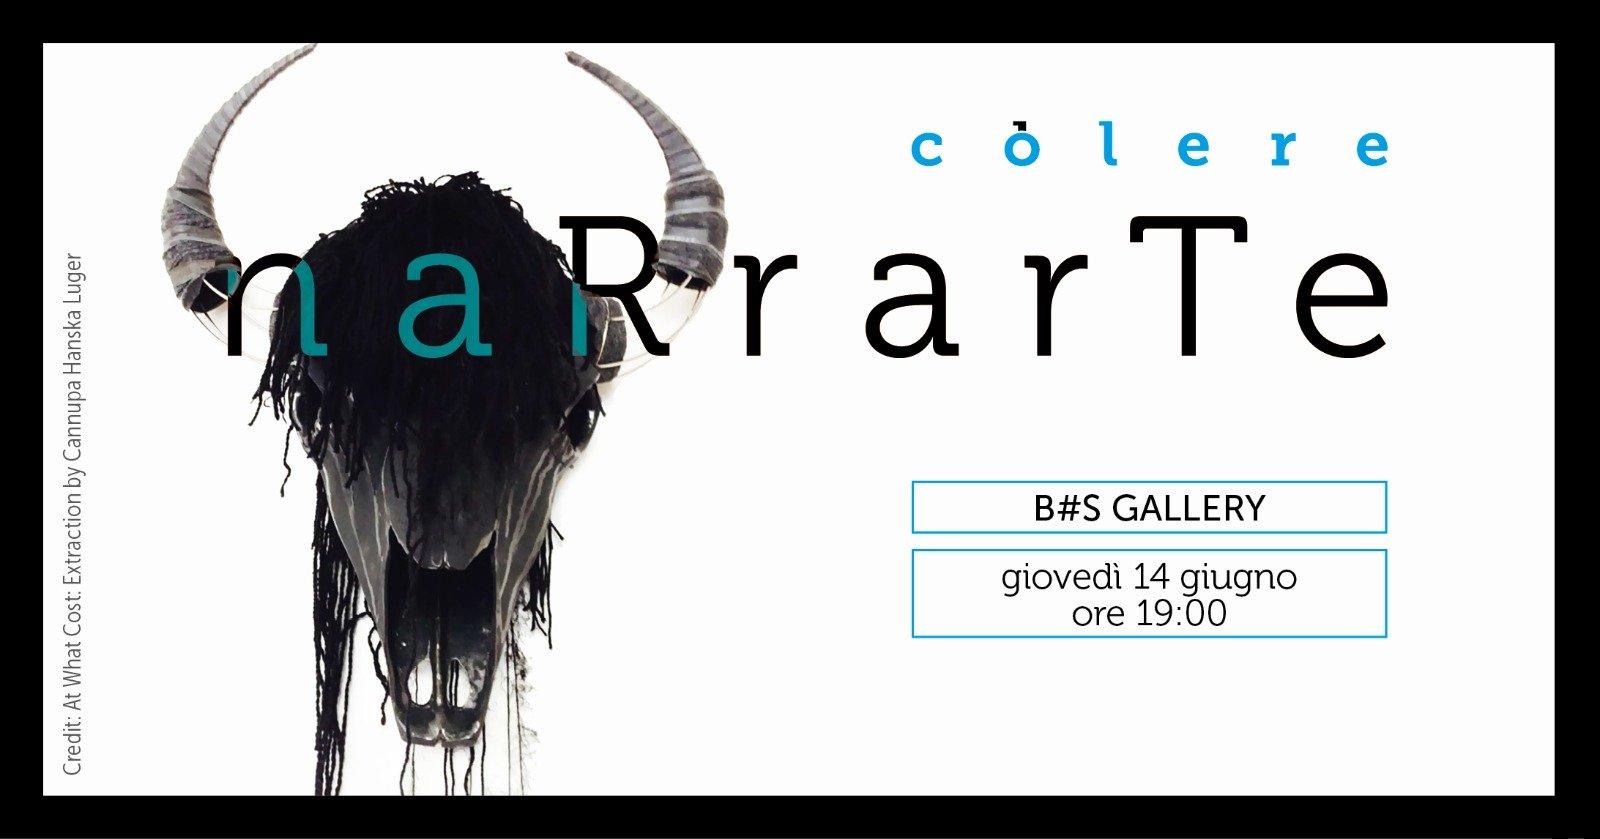 NarrArte